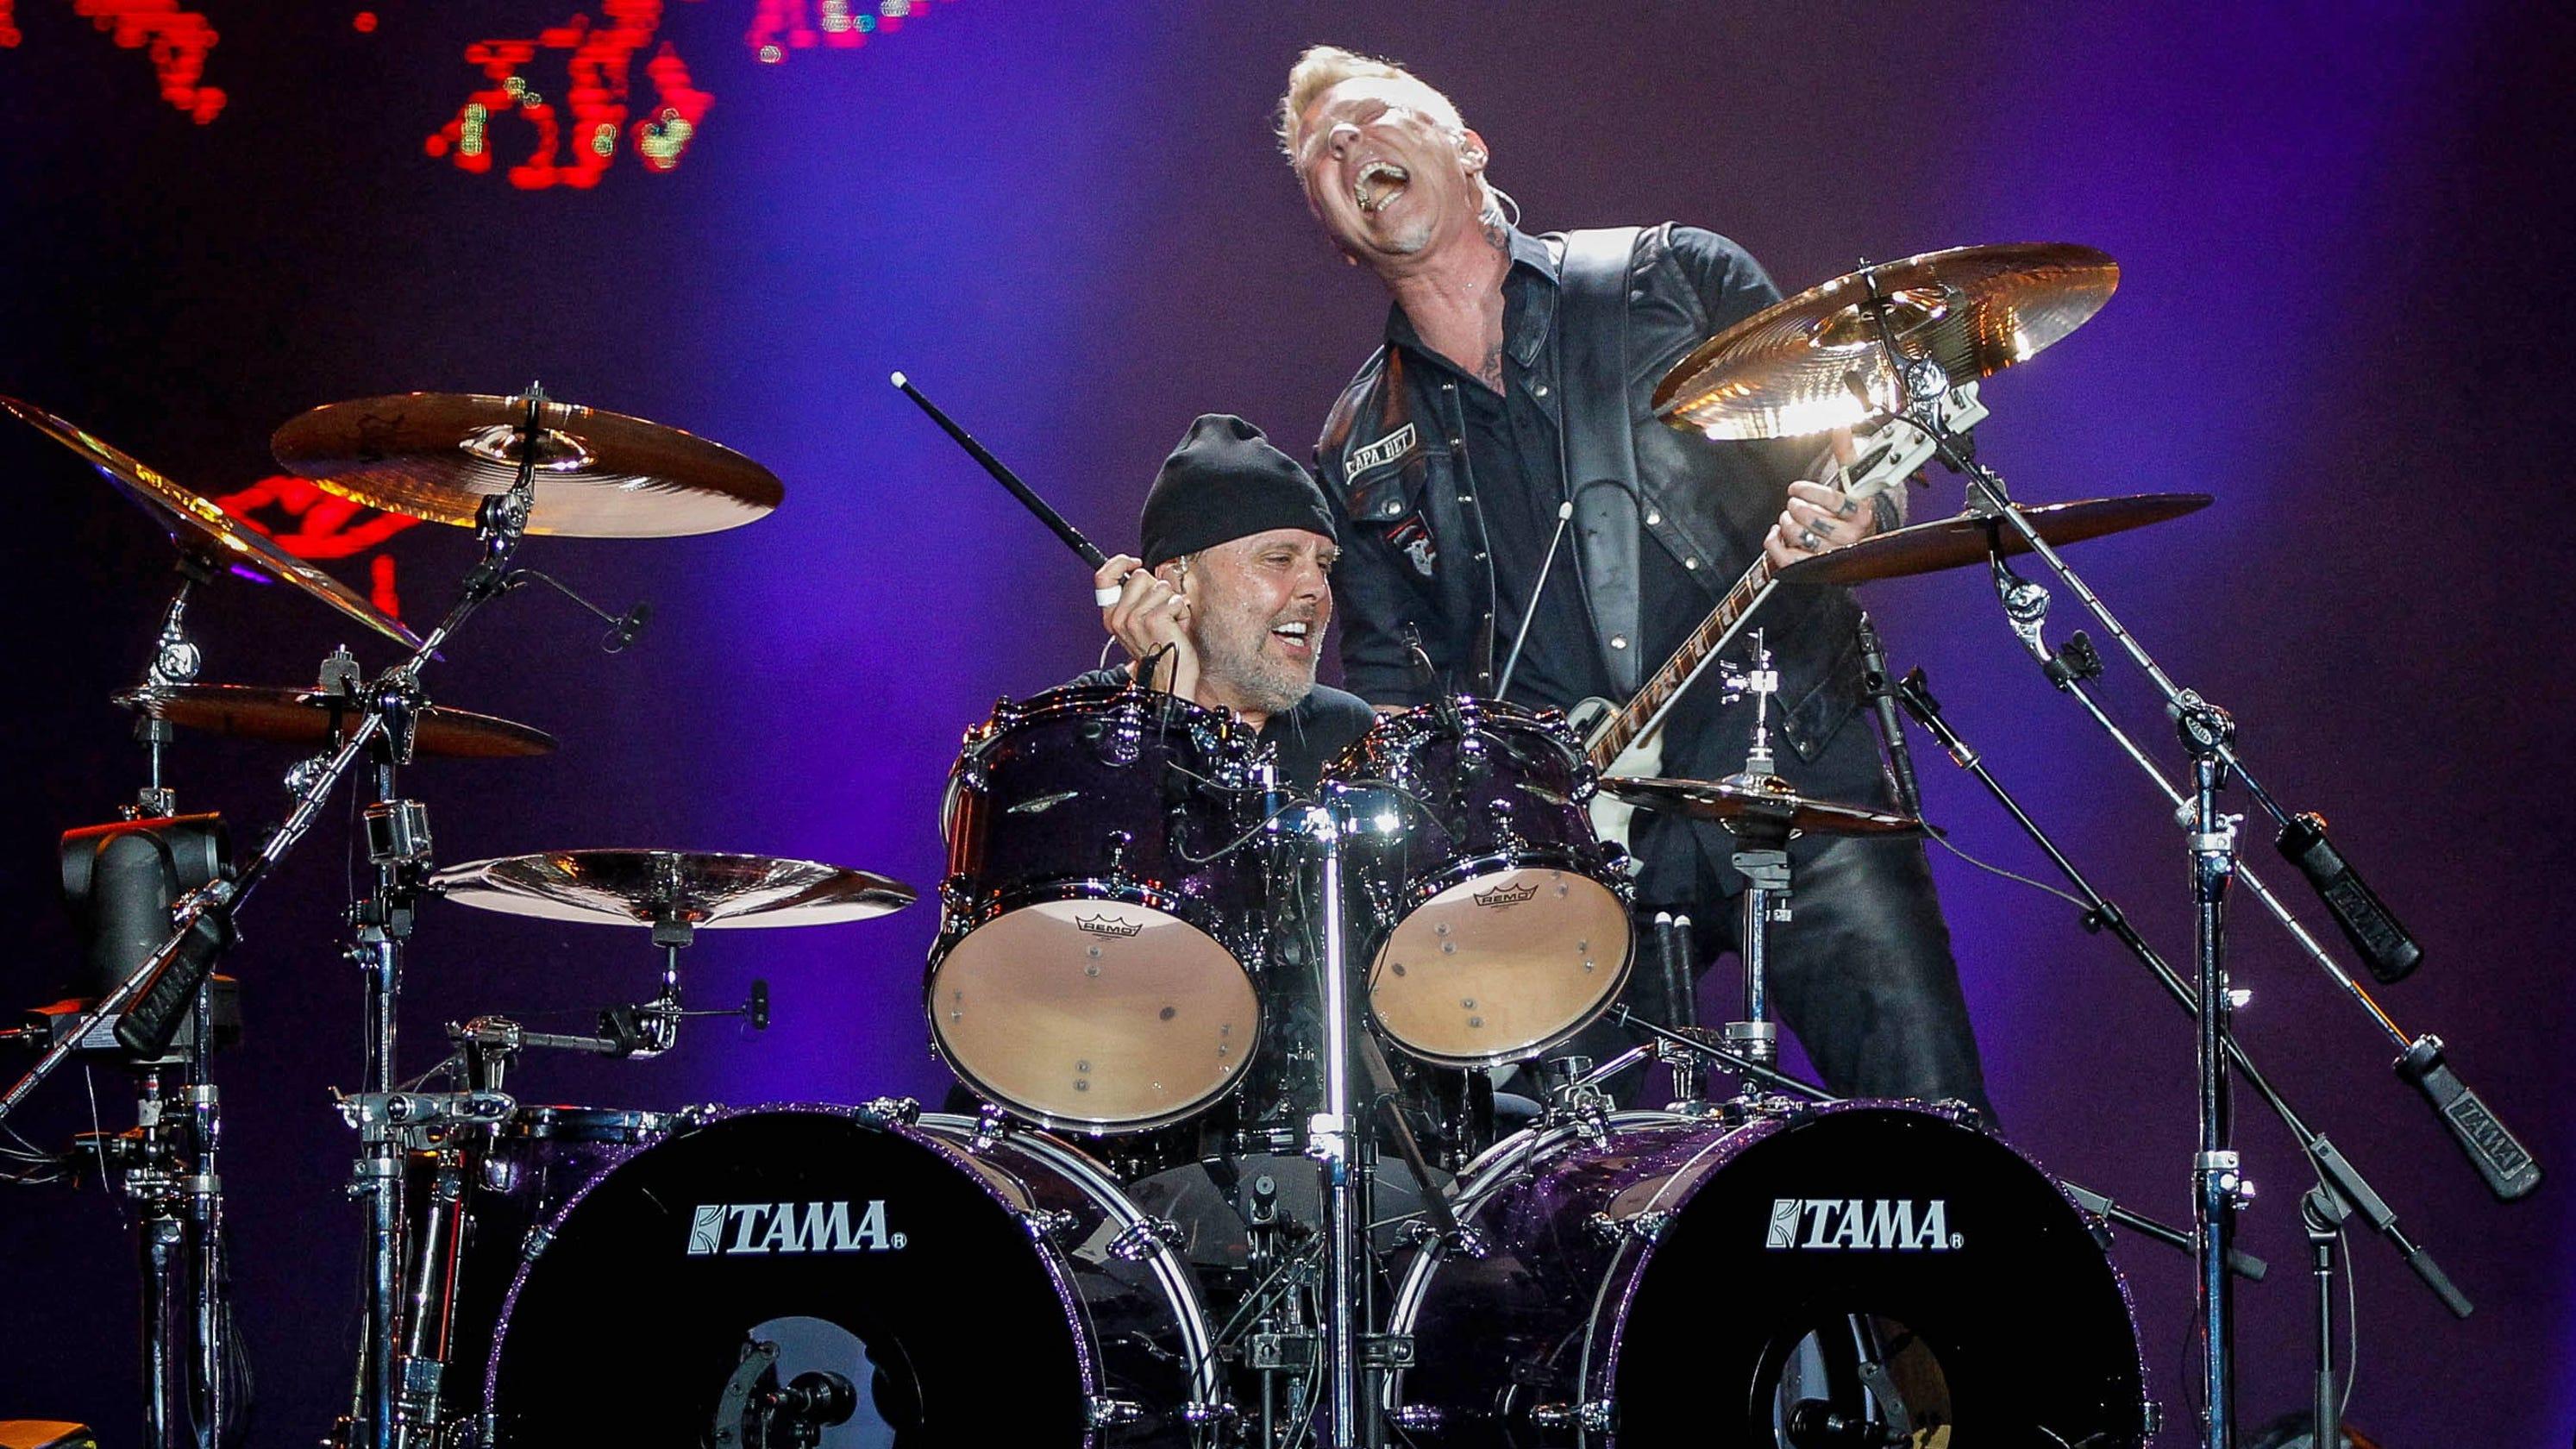 James Hetfield is my hero says Lars Ulrich | Louder